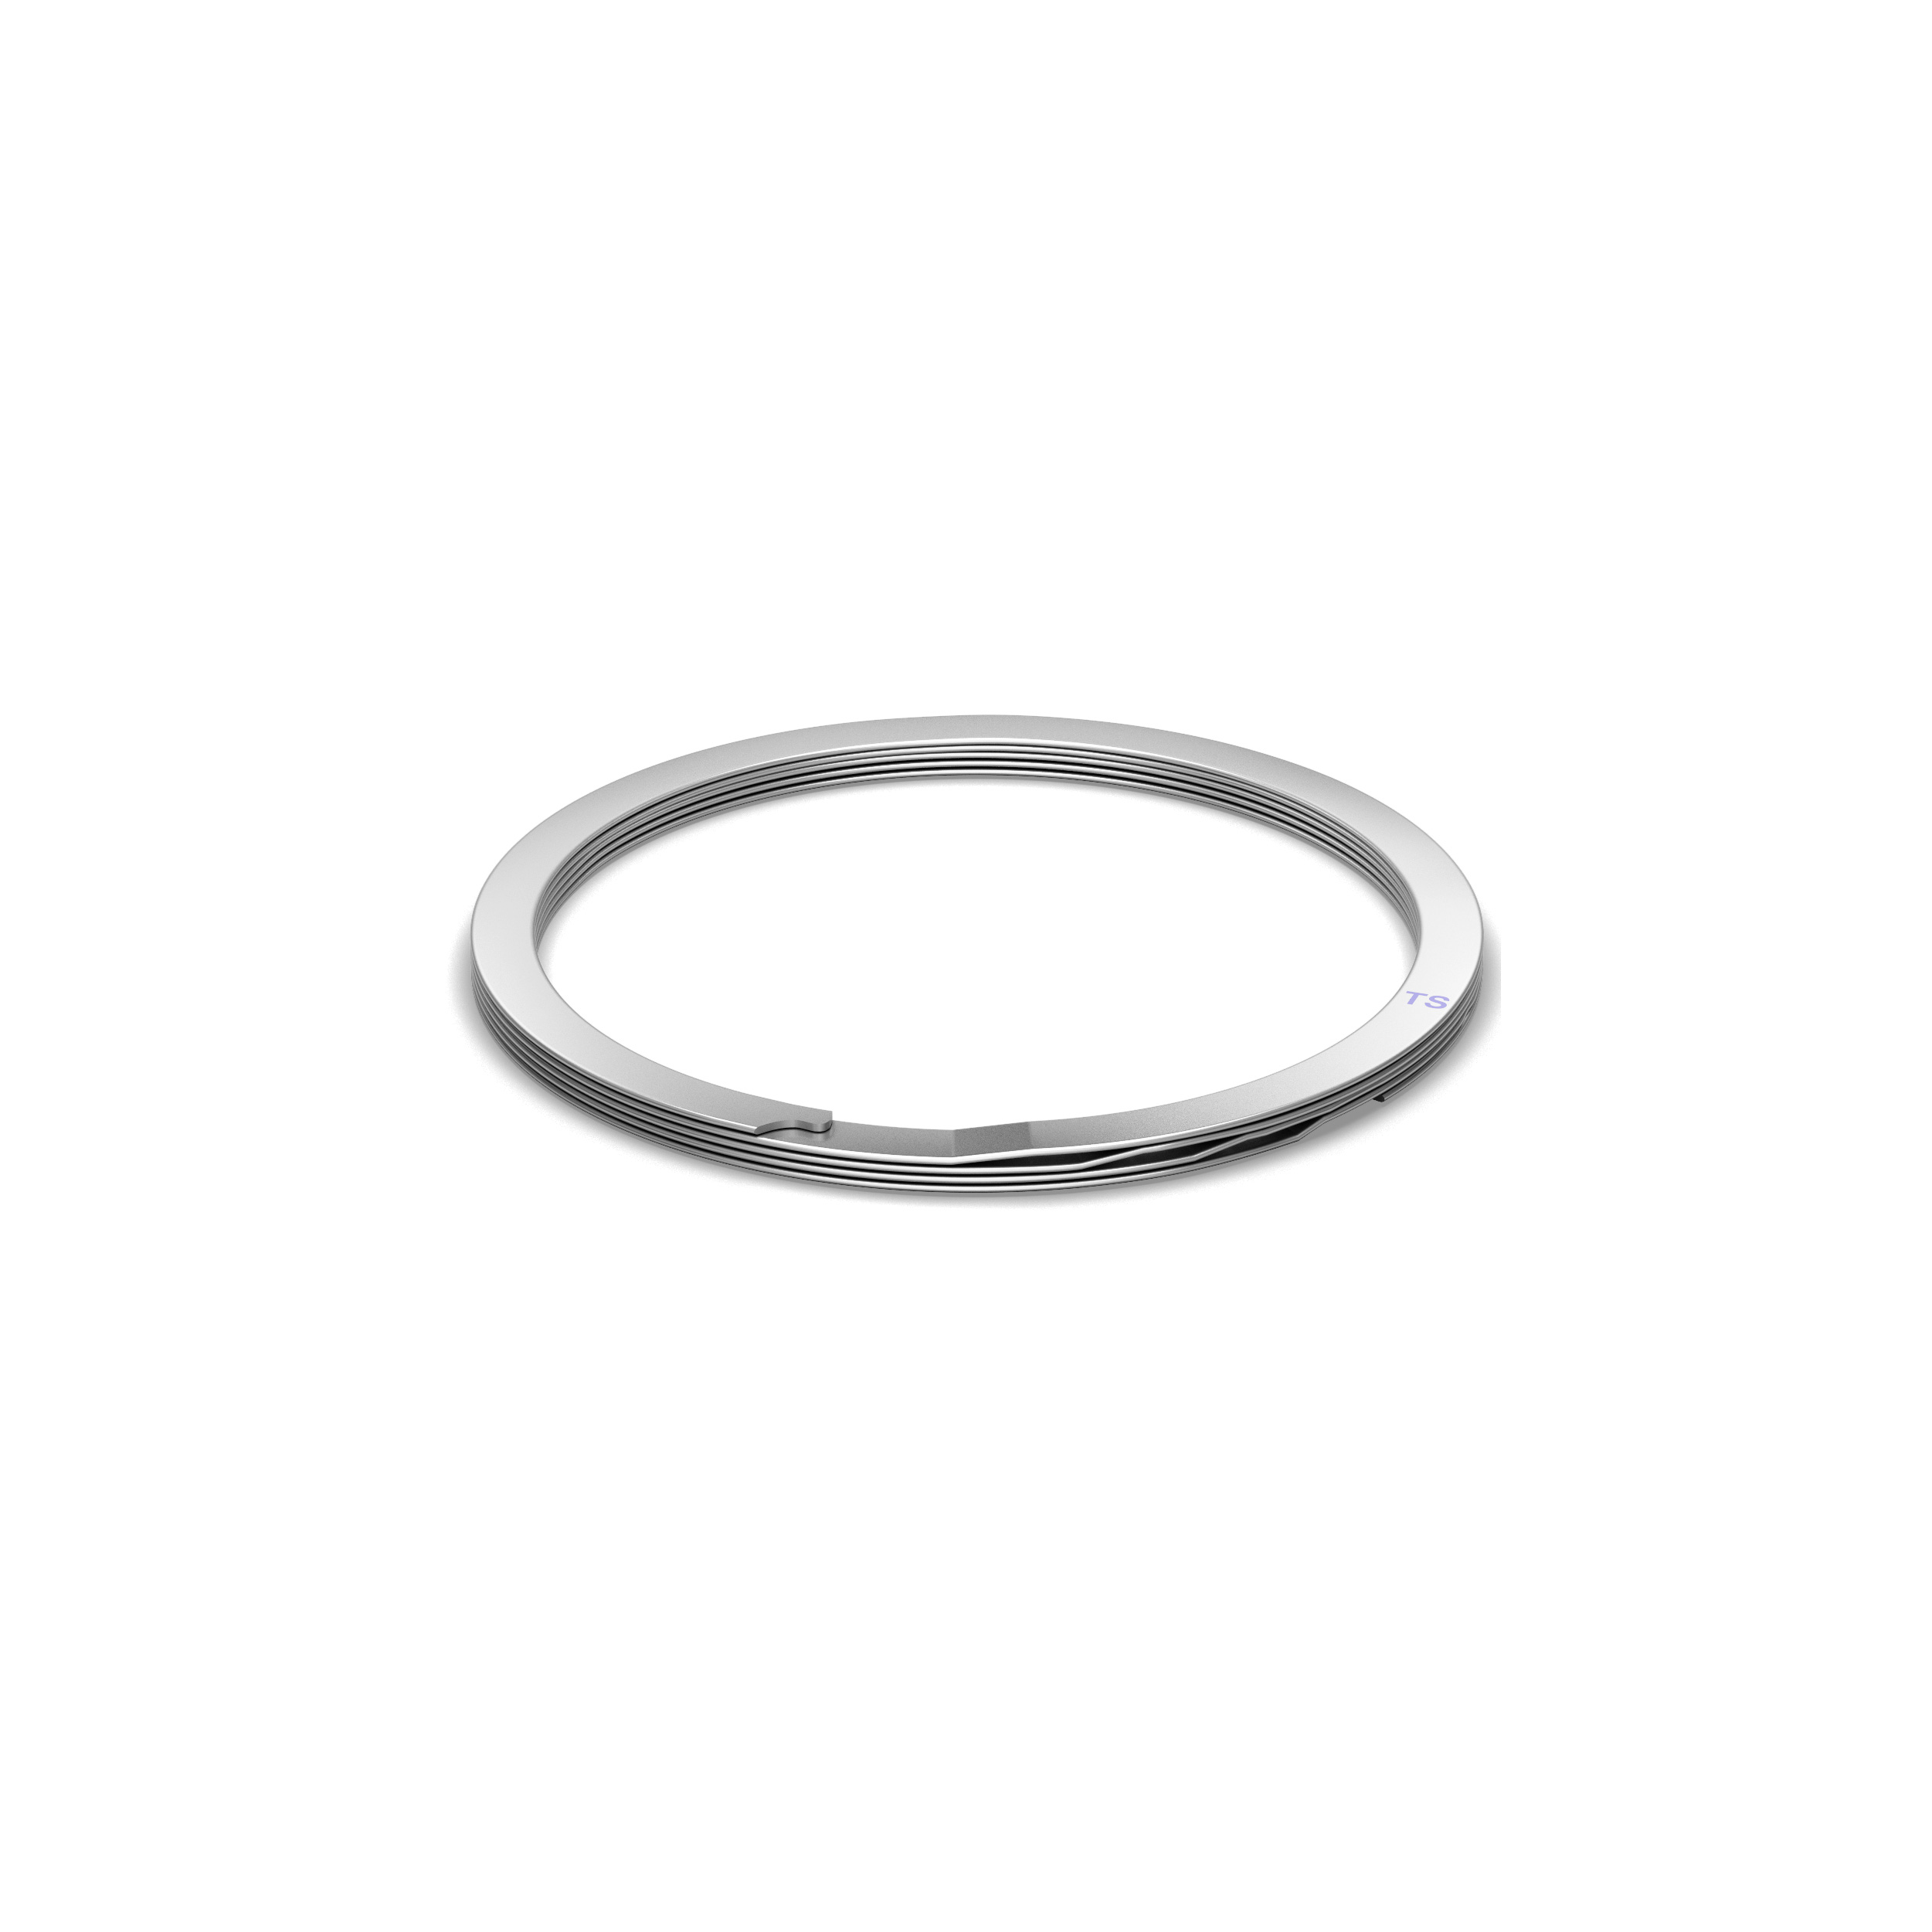 RETAINING RINGS/Laminar Seal Rings